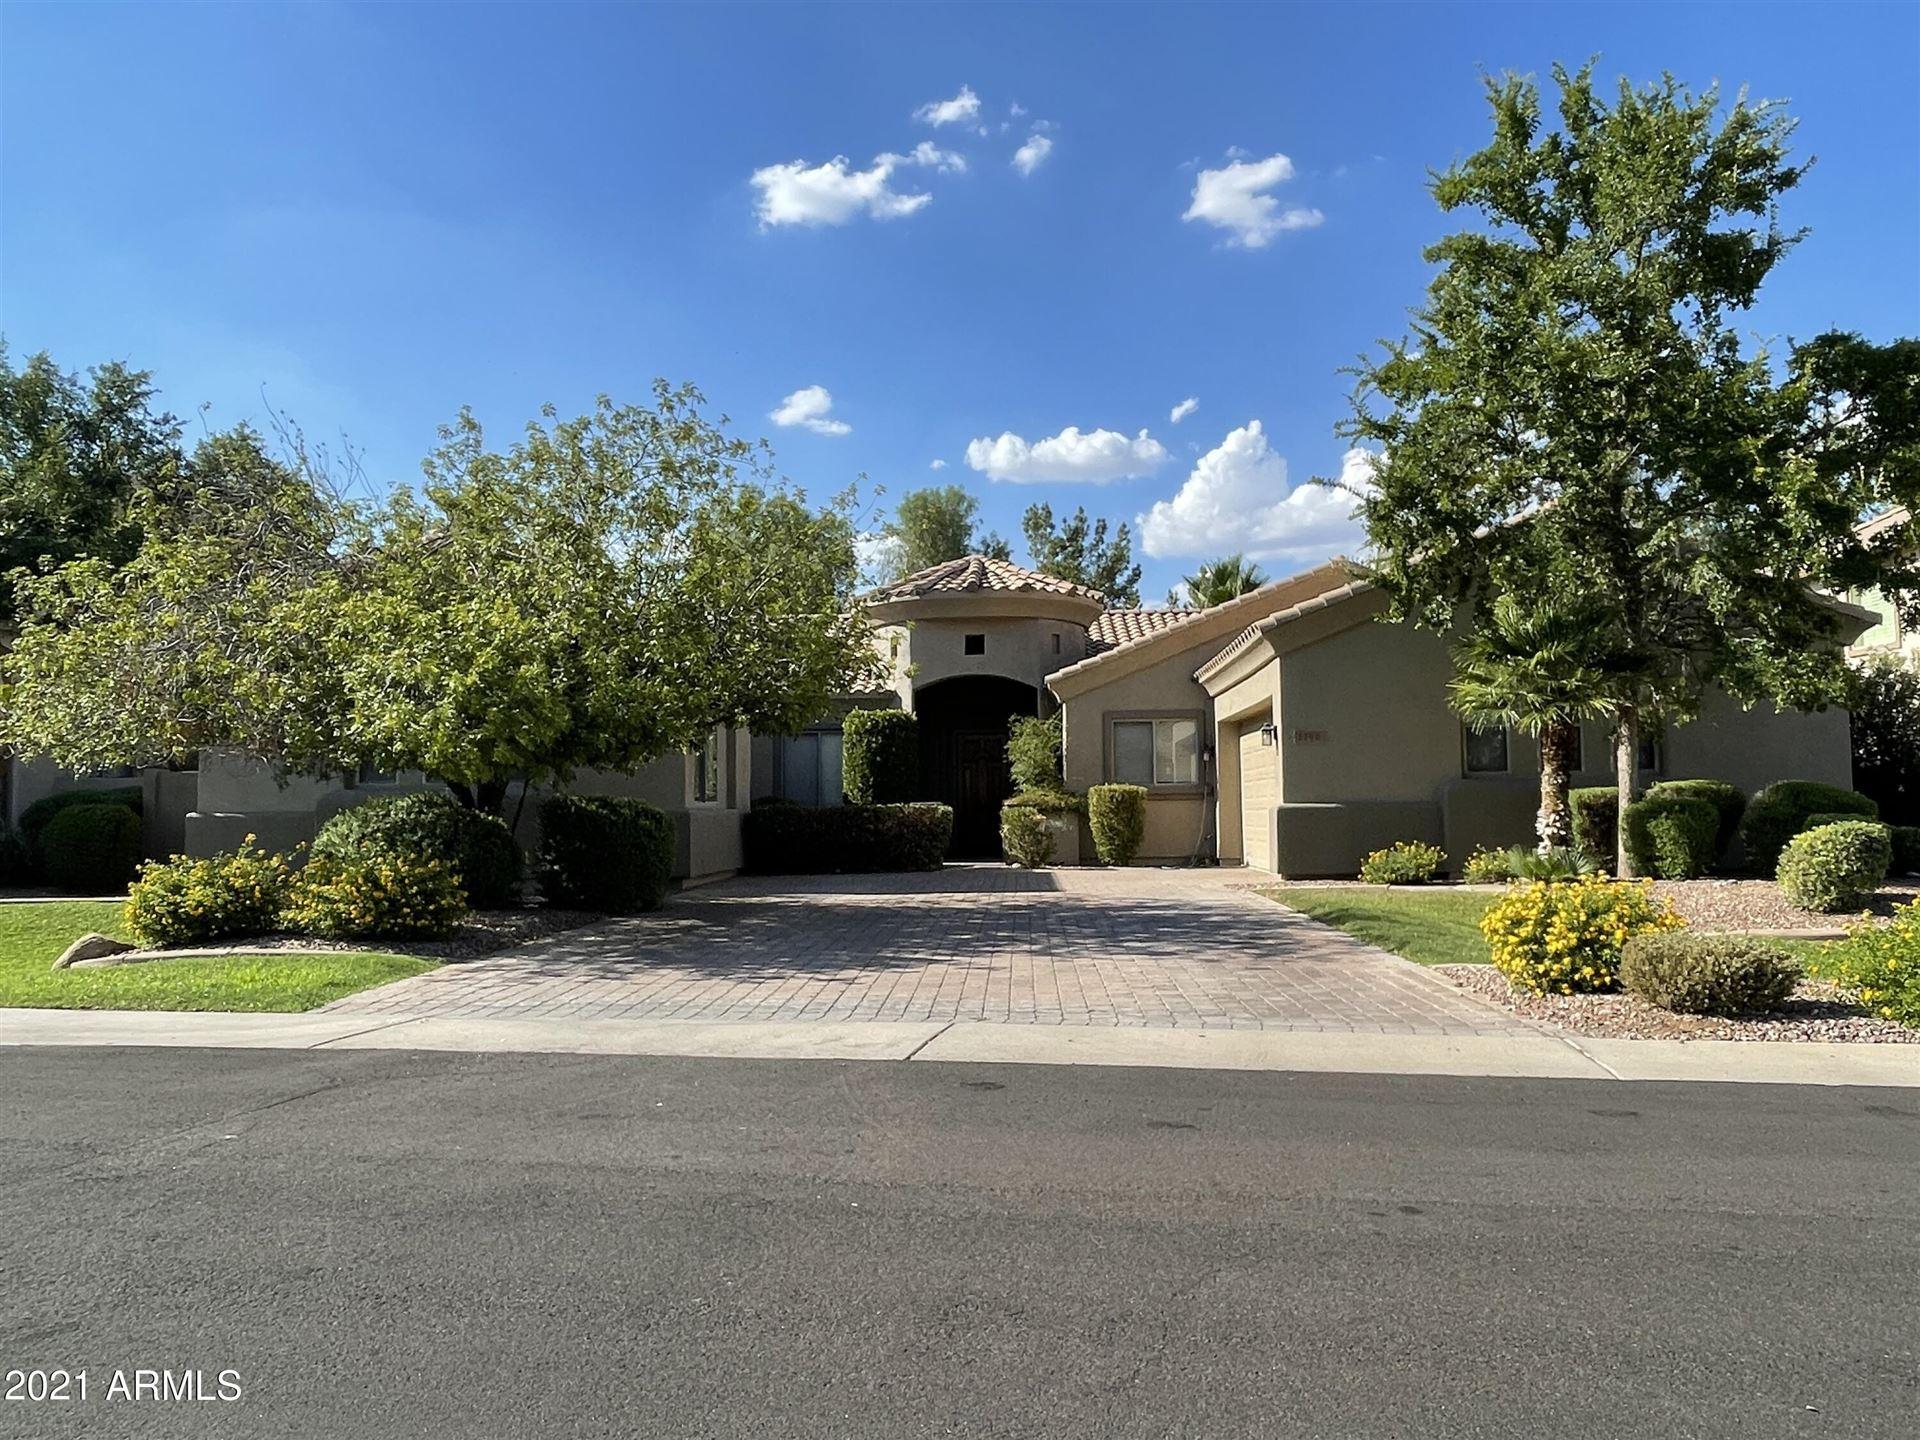 2790 E CEDAR Place, Chandler, AZ 85249 - MLS#: 6256422